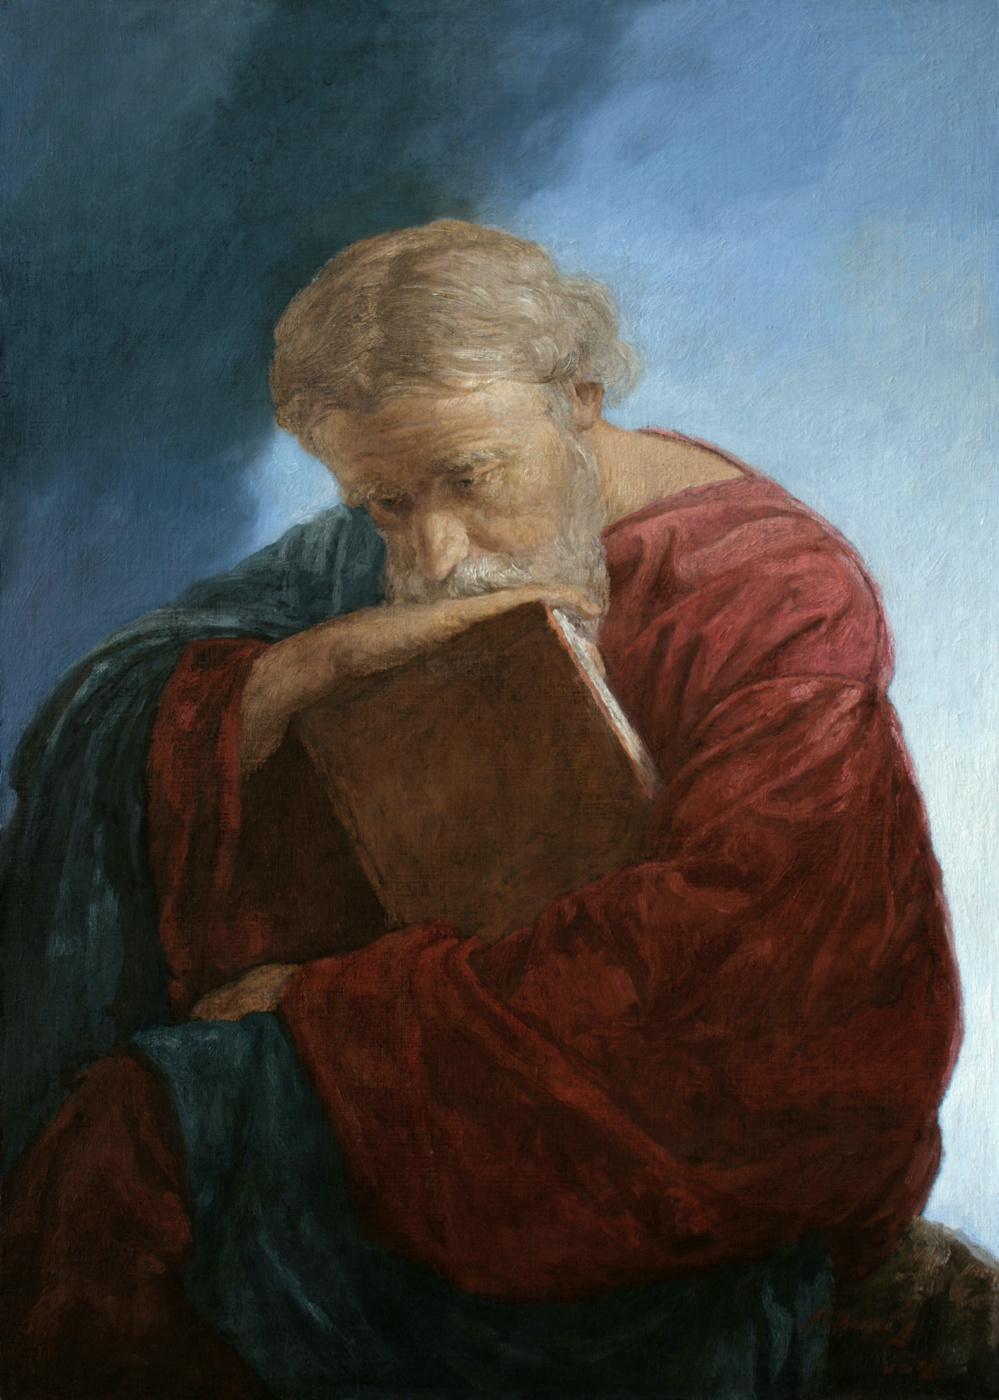 Andrey Nikolaevich Mironov. Апостол Иоанн Богослов на острове Патмос